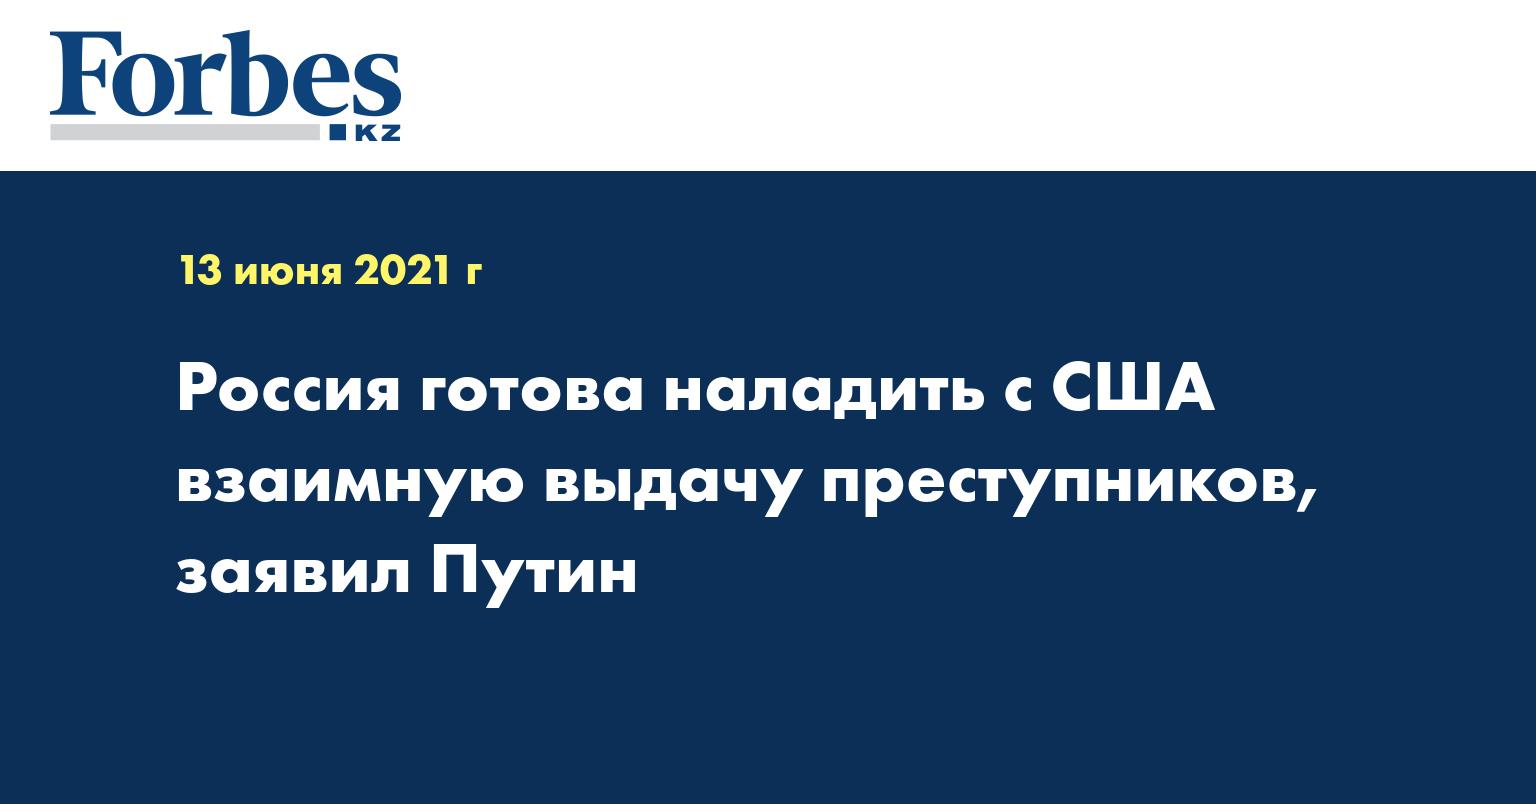 Россия готова наладить с США взаимную выдачу преступников, заявил Путин